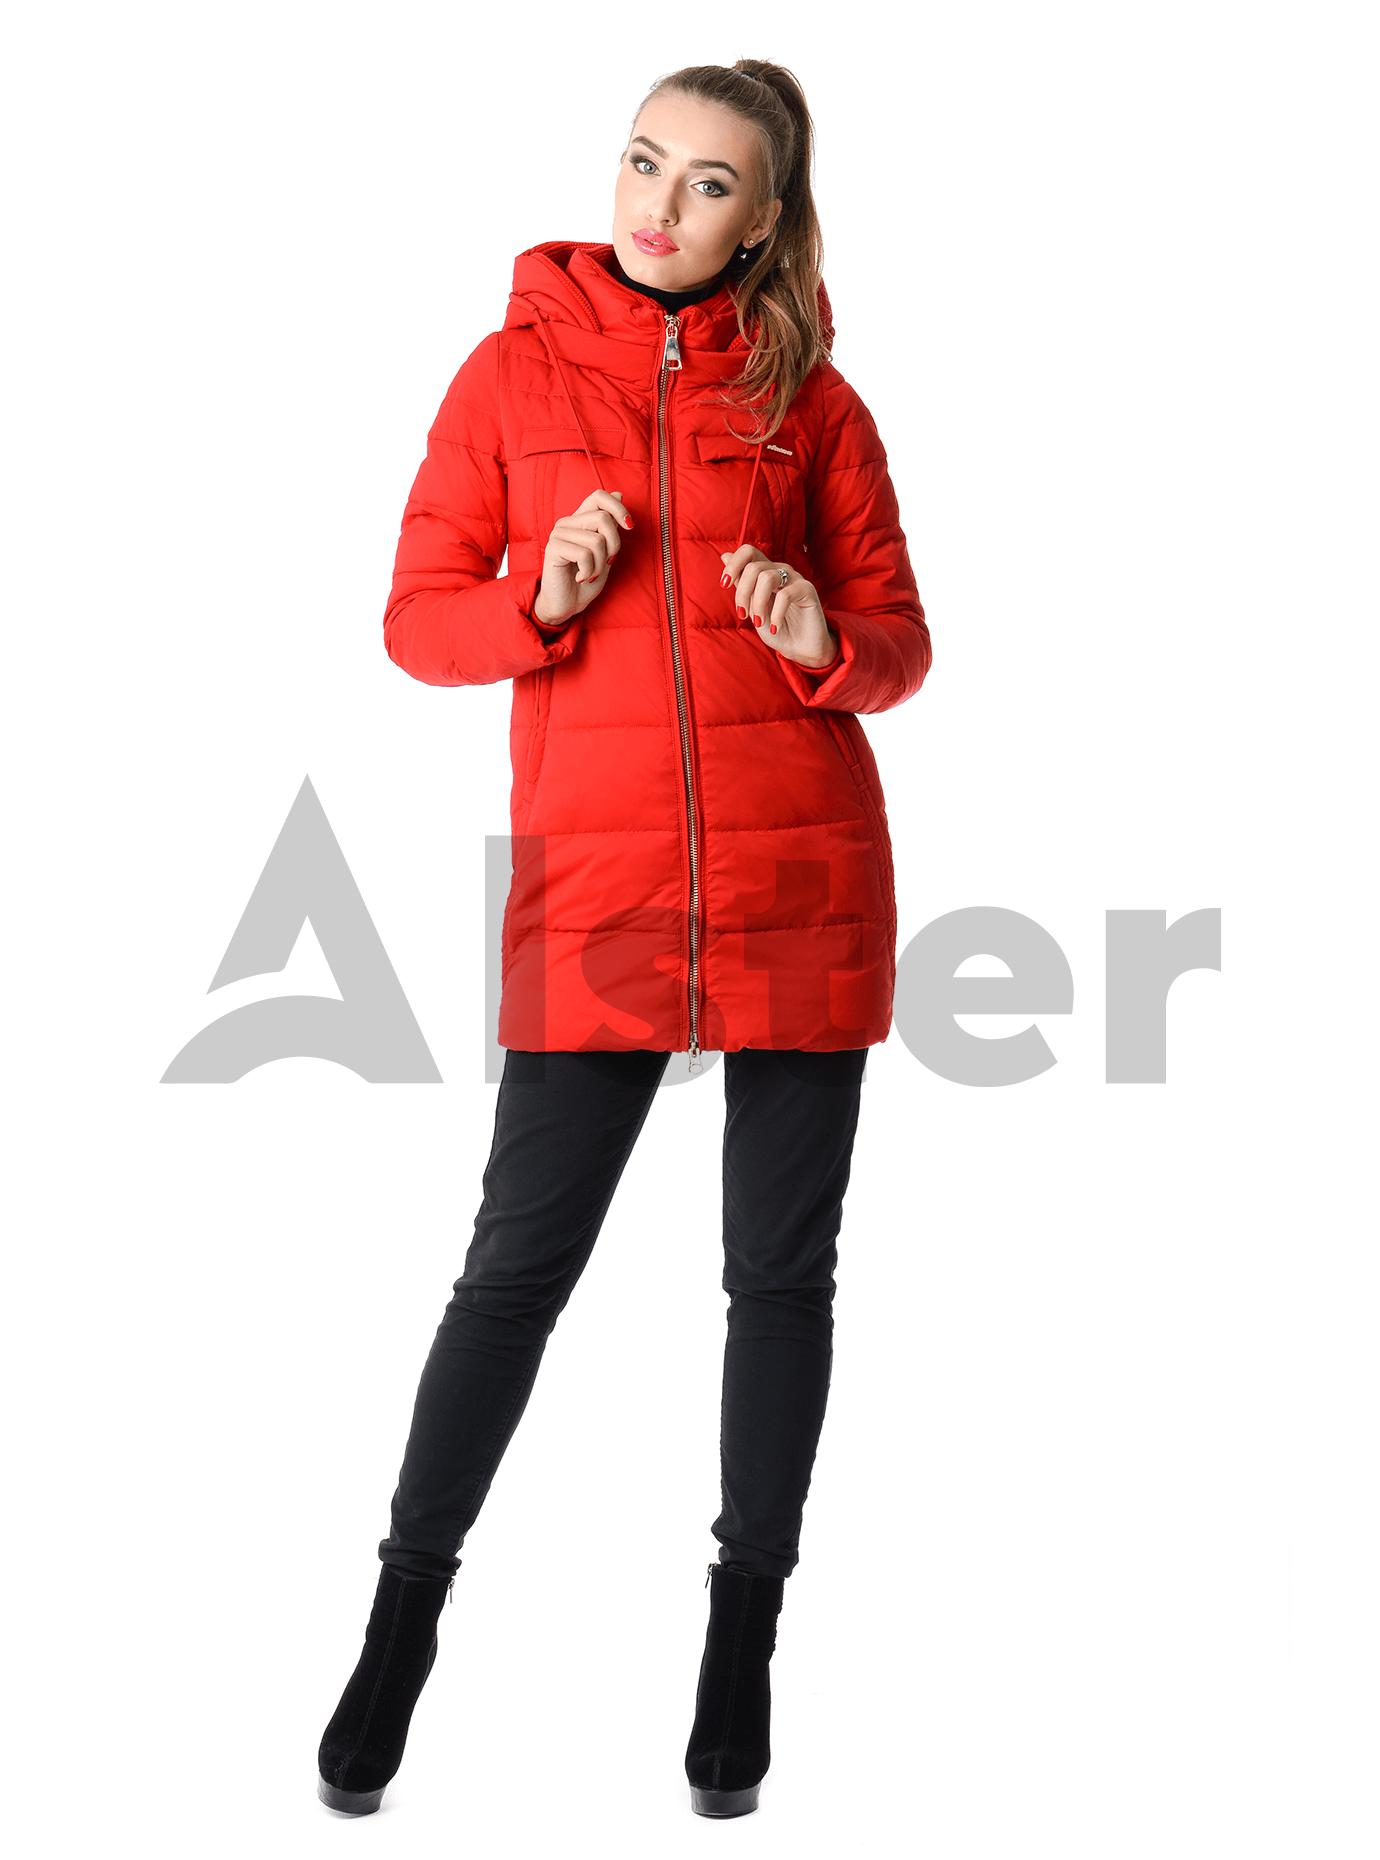 Куртка женская зимняя с капюшоном Чёрный S (02-CD18077): фото - Alster.ua